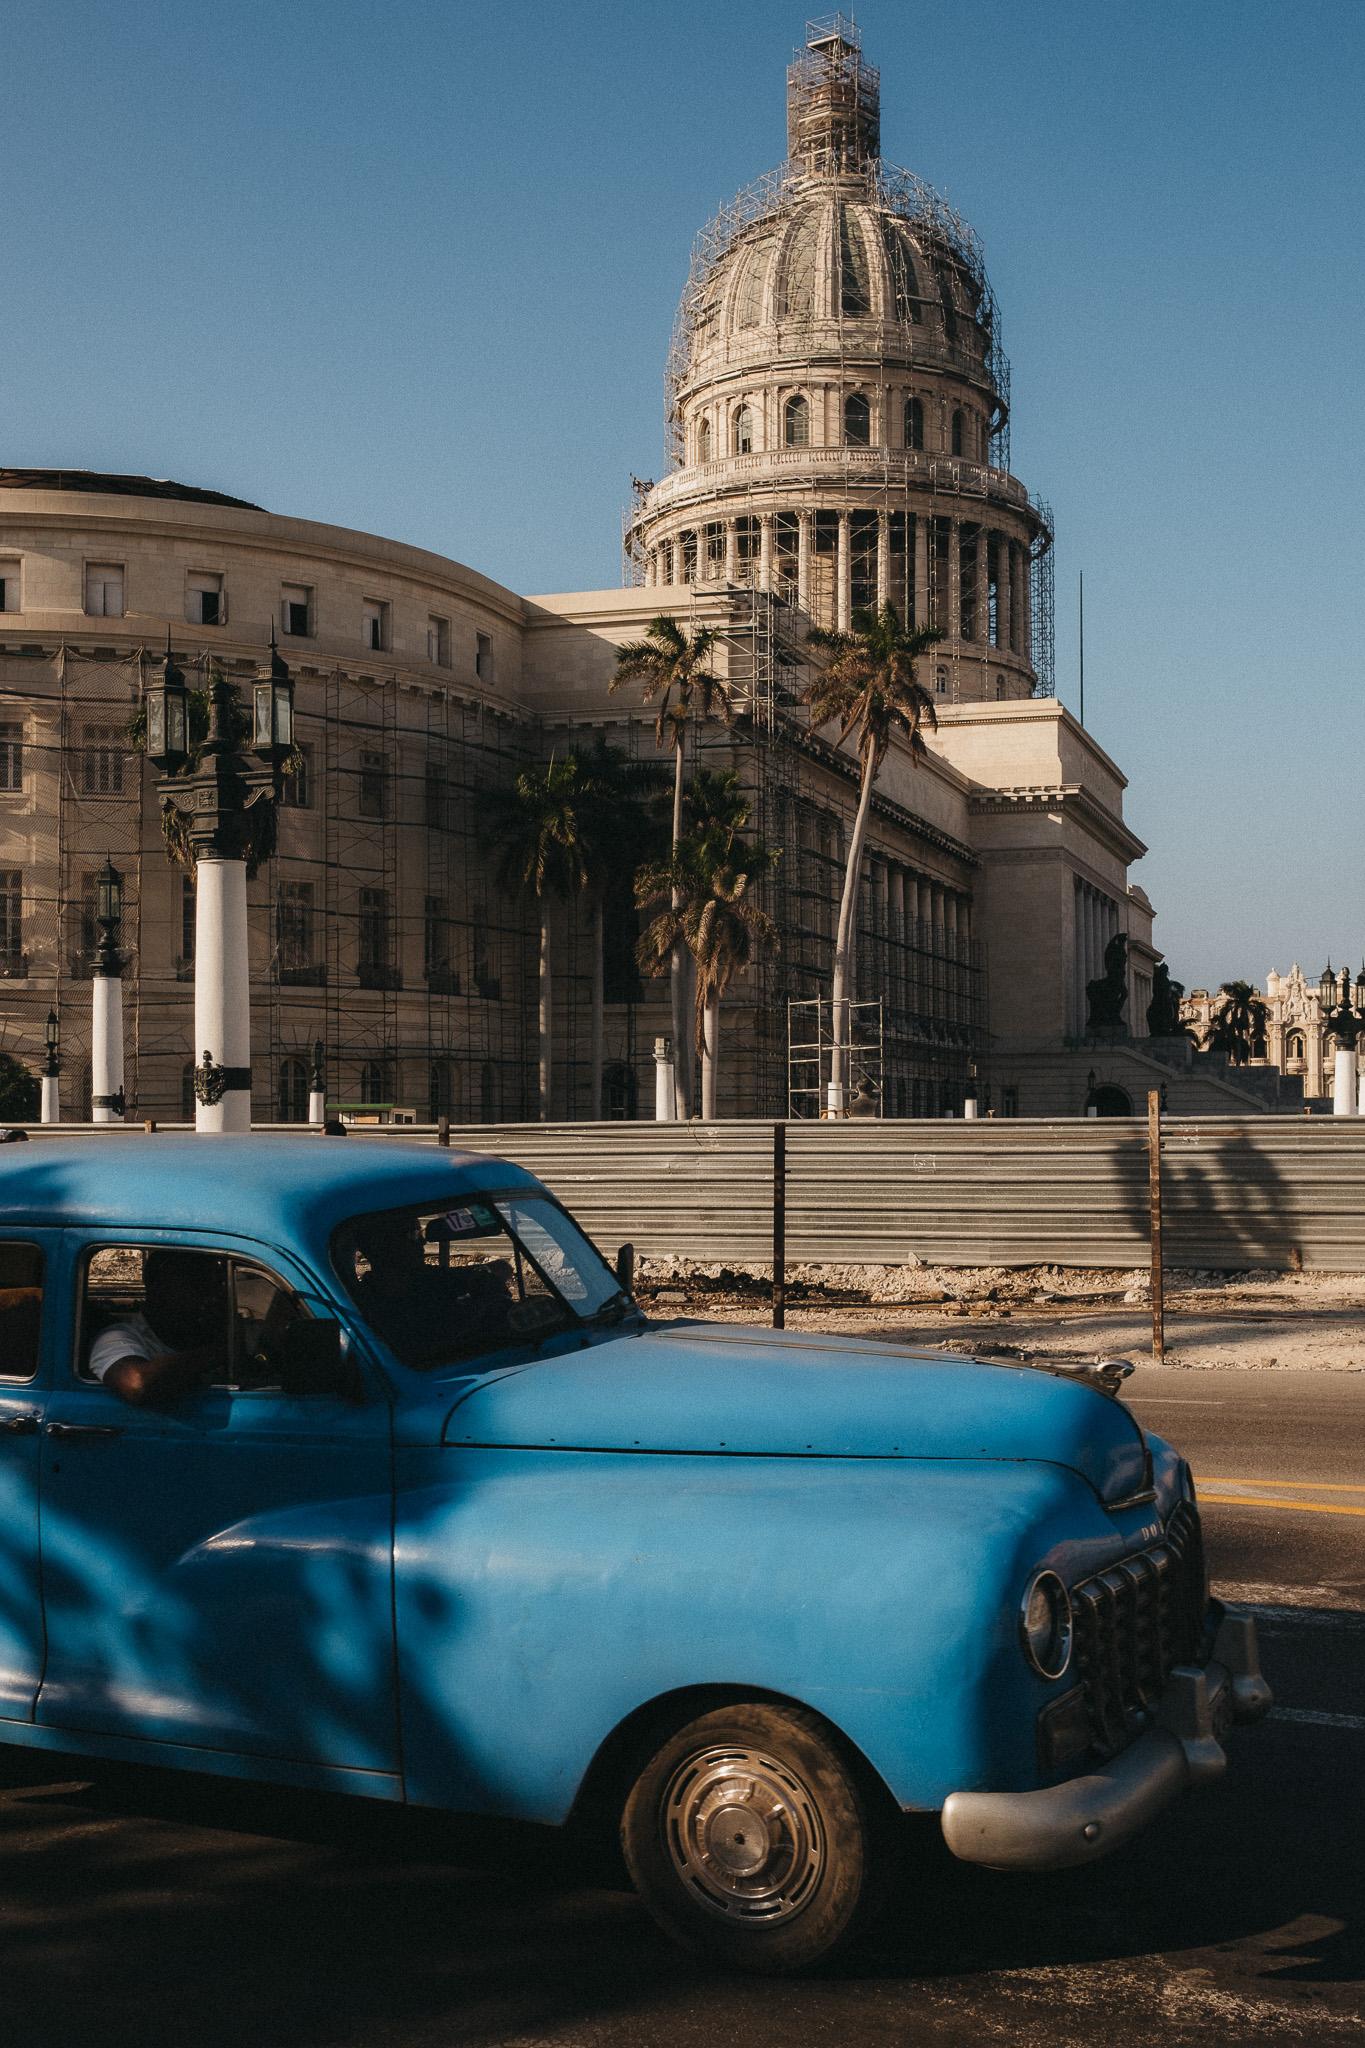 Cuba-2017-12-Havana-1114.jpg